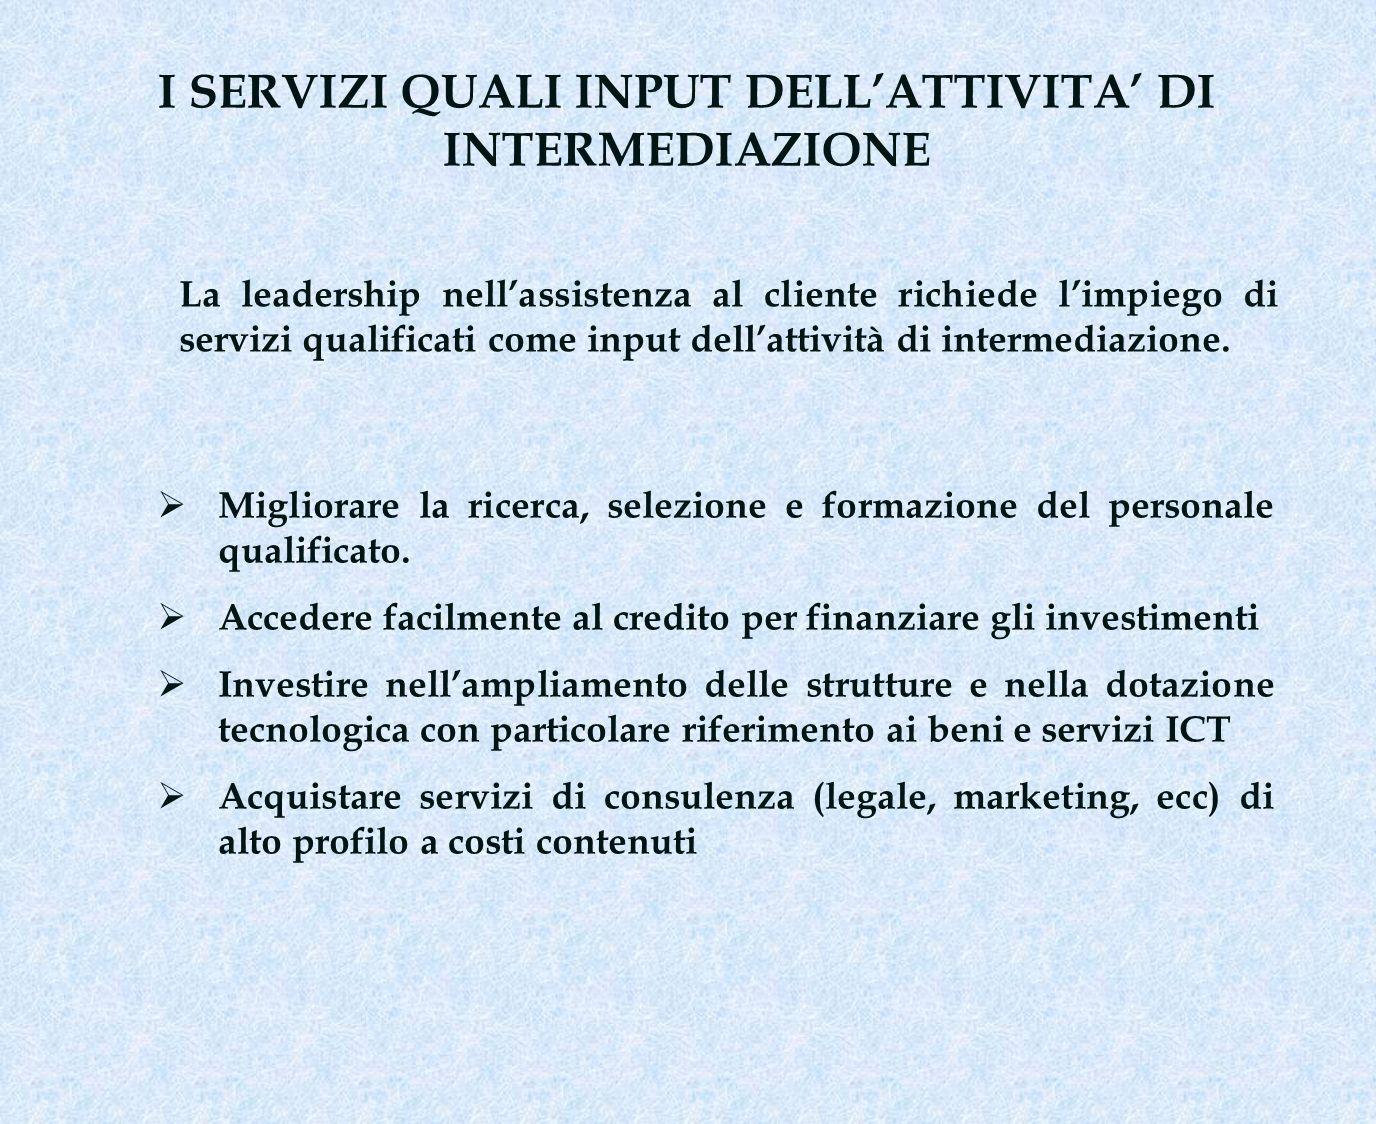 I SERVIZI QUALI INPUT DELLATTIVITA DI INTERMEDIAZIONE Migliorare la ricerca, selezione e formazione del personale qualificato. Accedere facilmente al